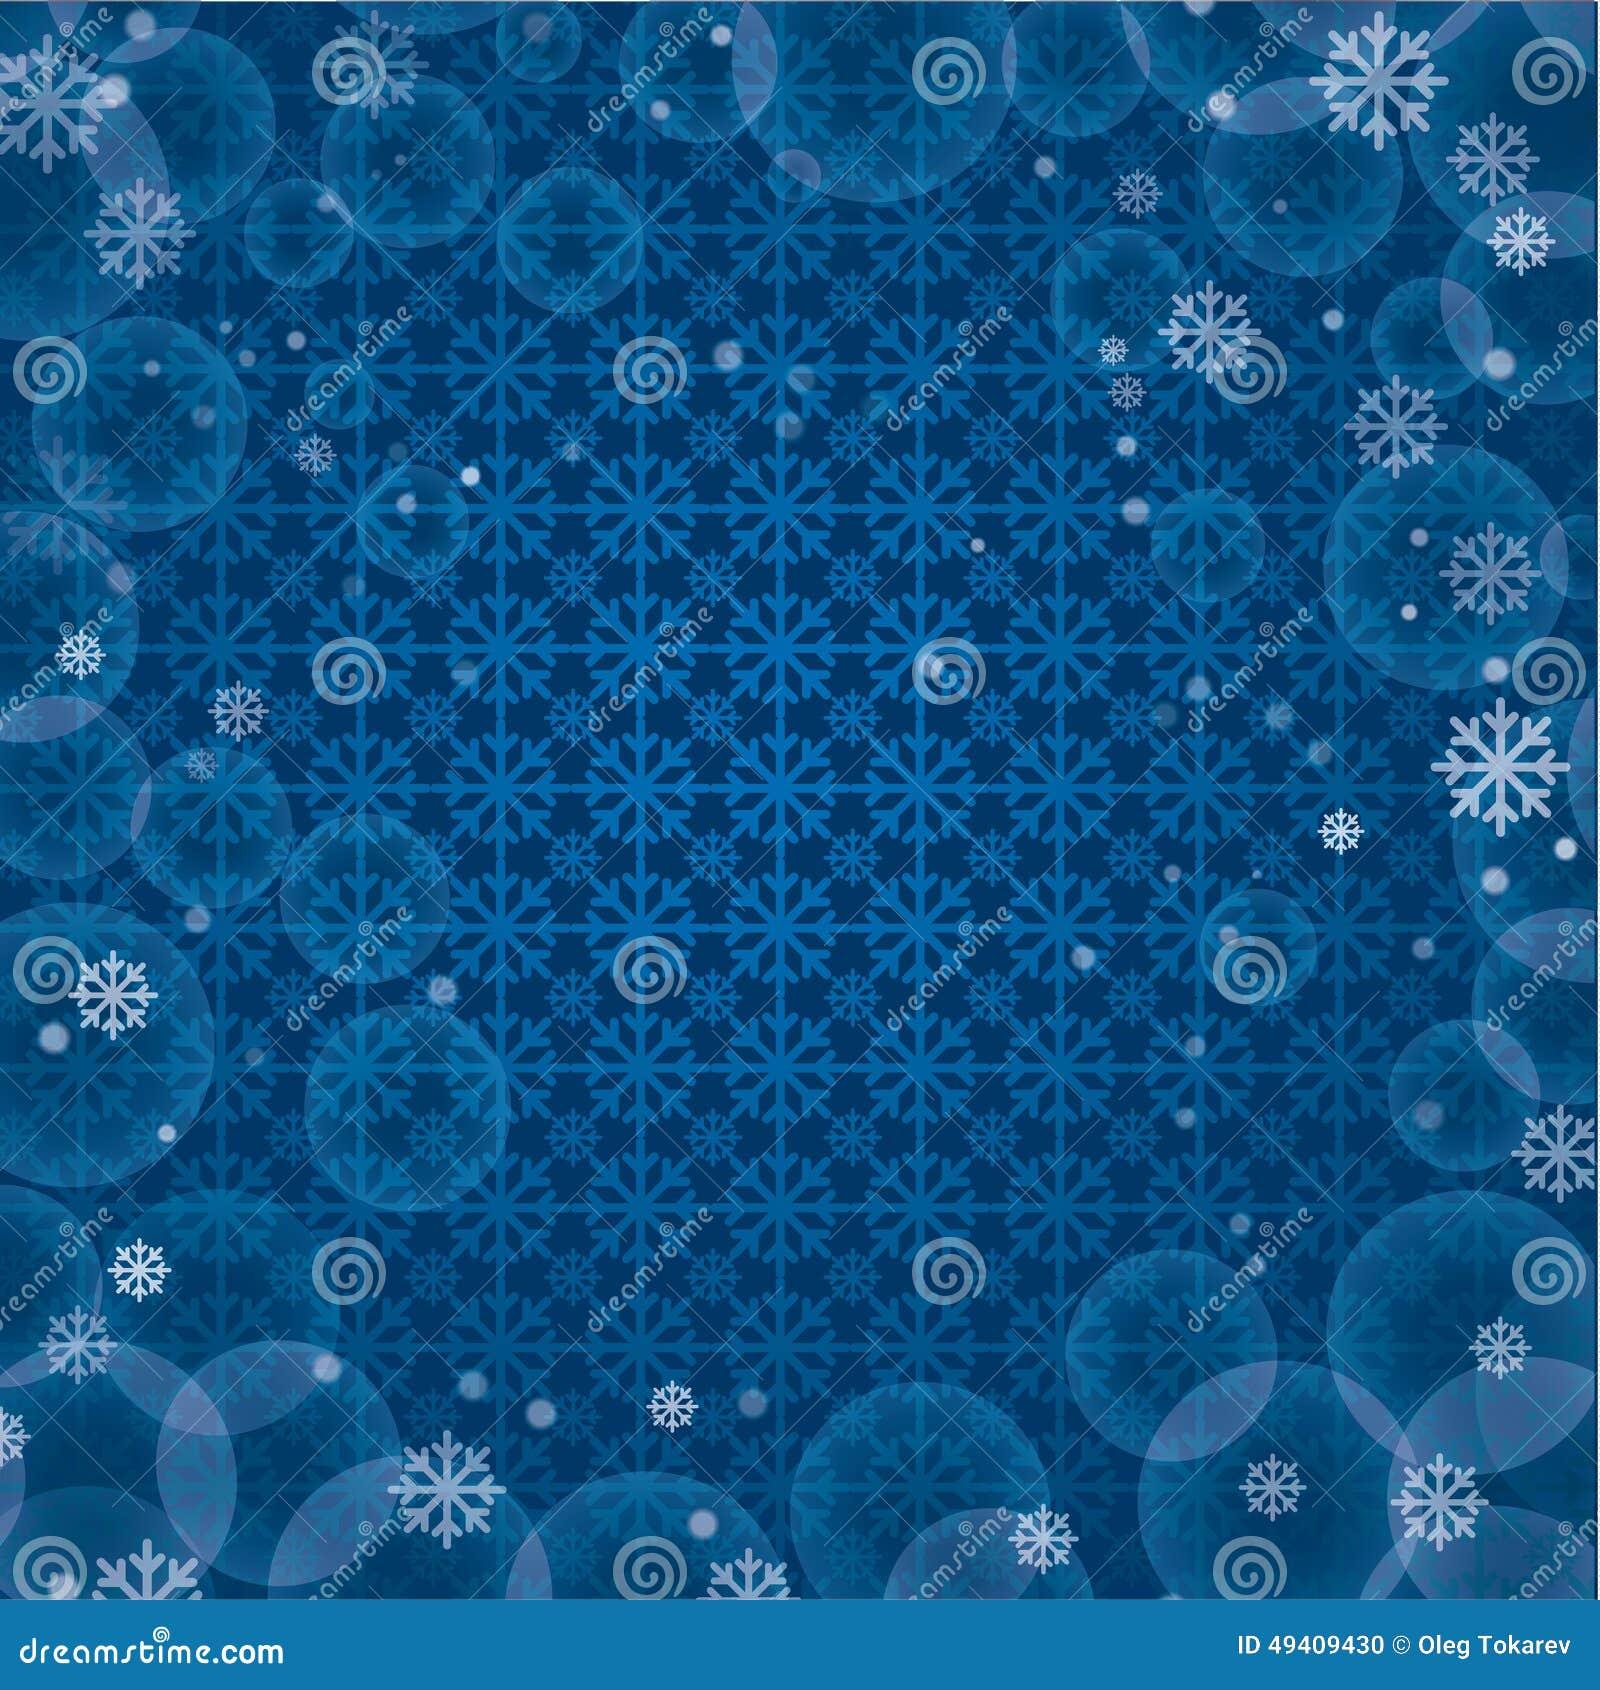 Download Weiße Schneeflocken Auf Einem Blauen Hintergrund Stock Abbildung - Illustration von flocke, weihnachten: 49409430